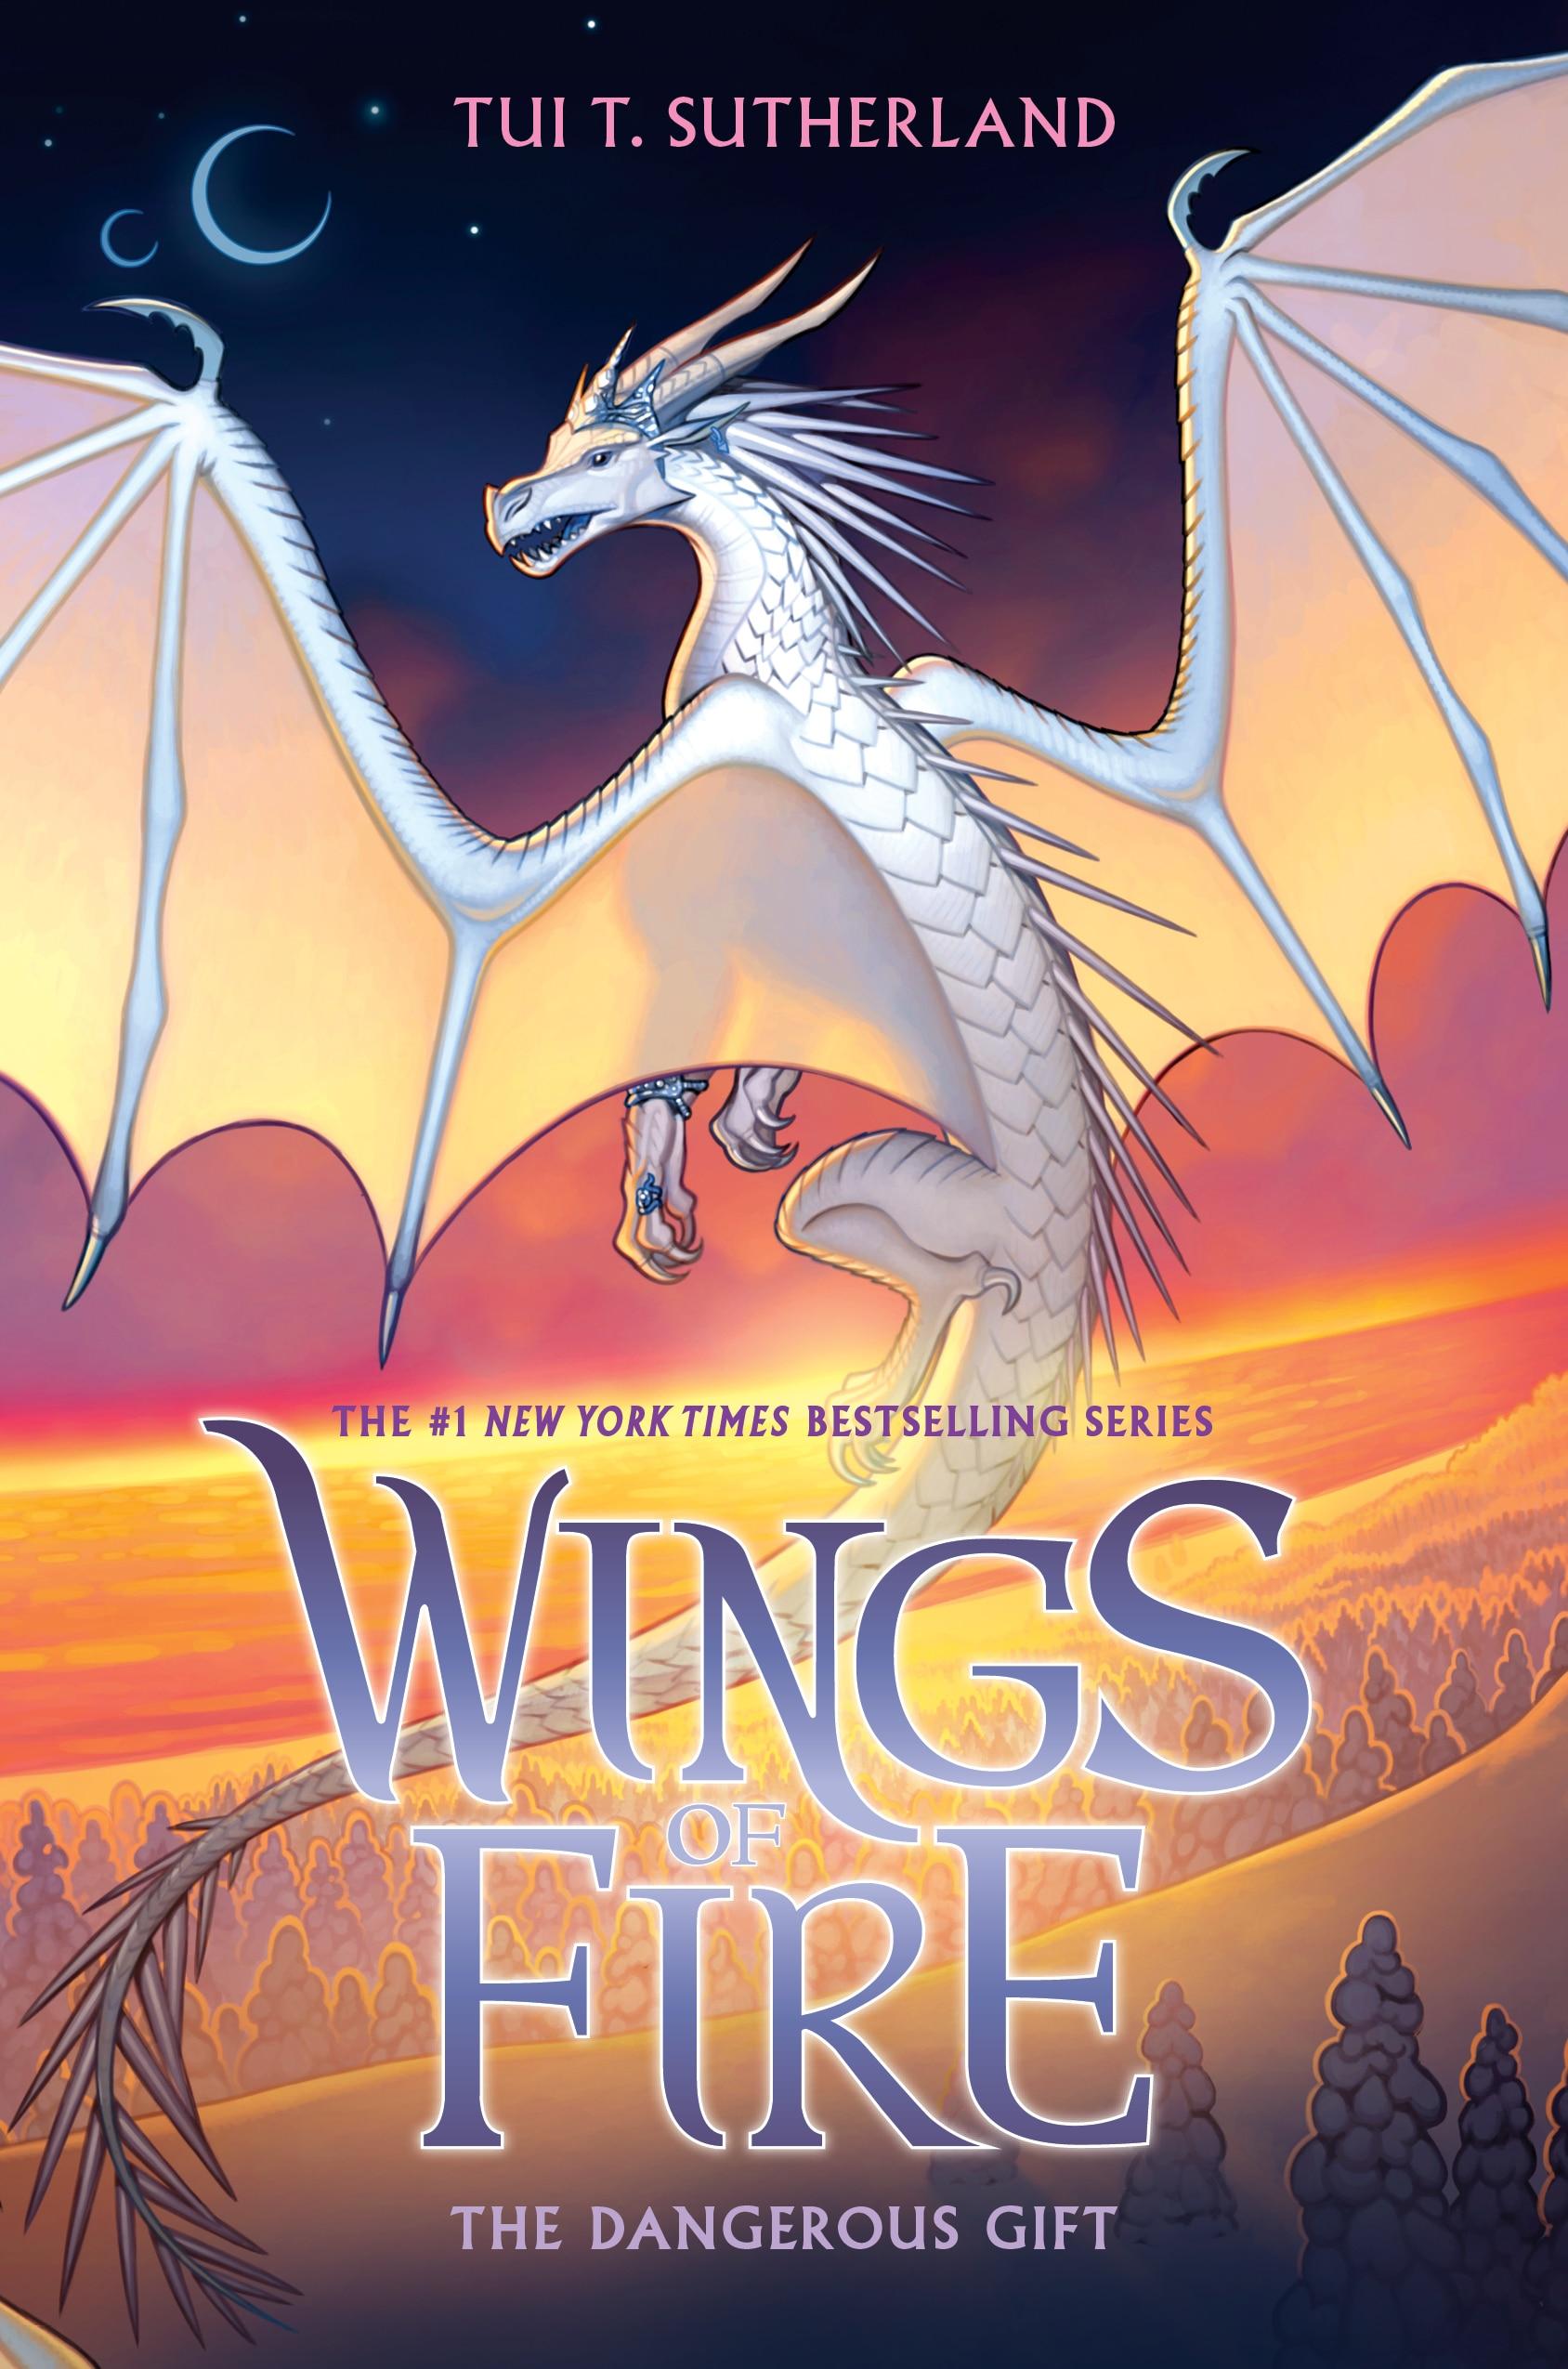 wings-of-fire-book-14-il-pericoloso-regalo-di-sutherland-tui-t-e-book-pdf